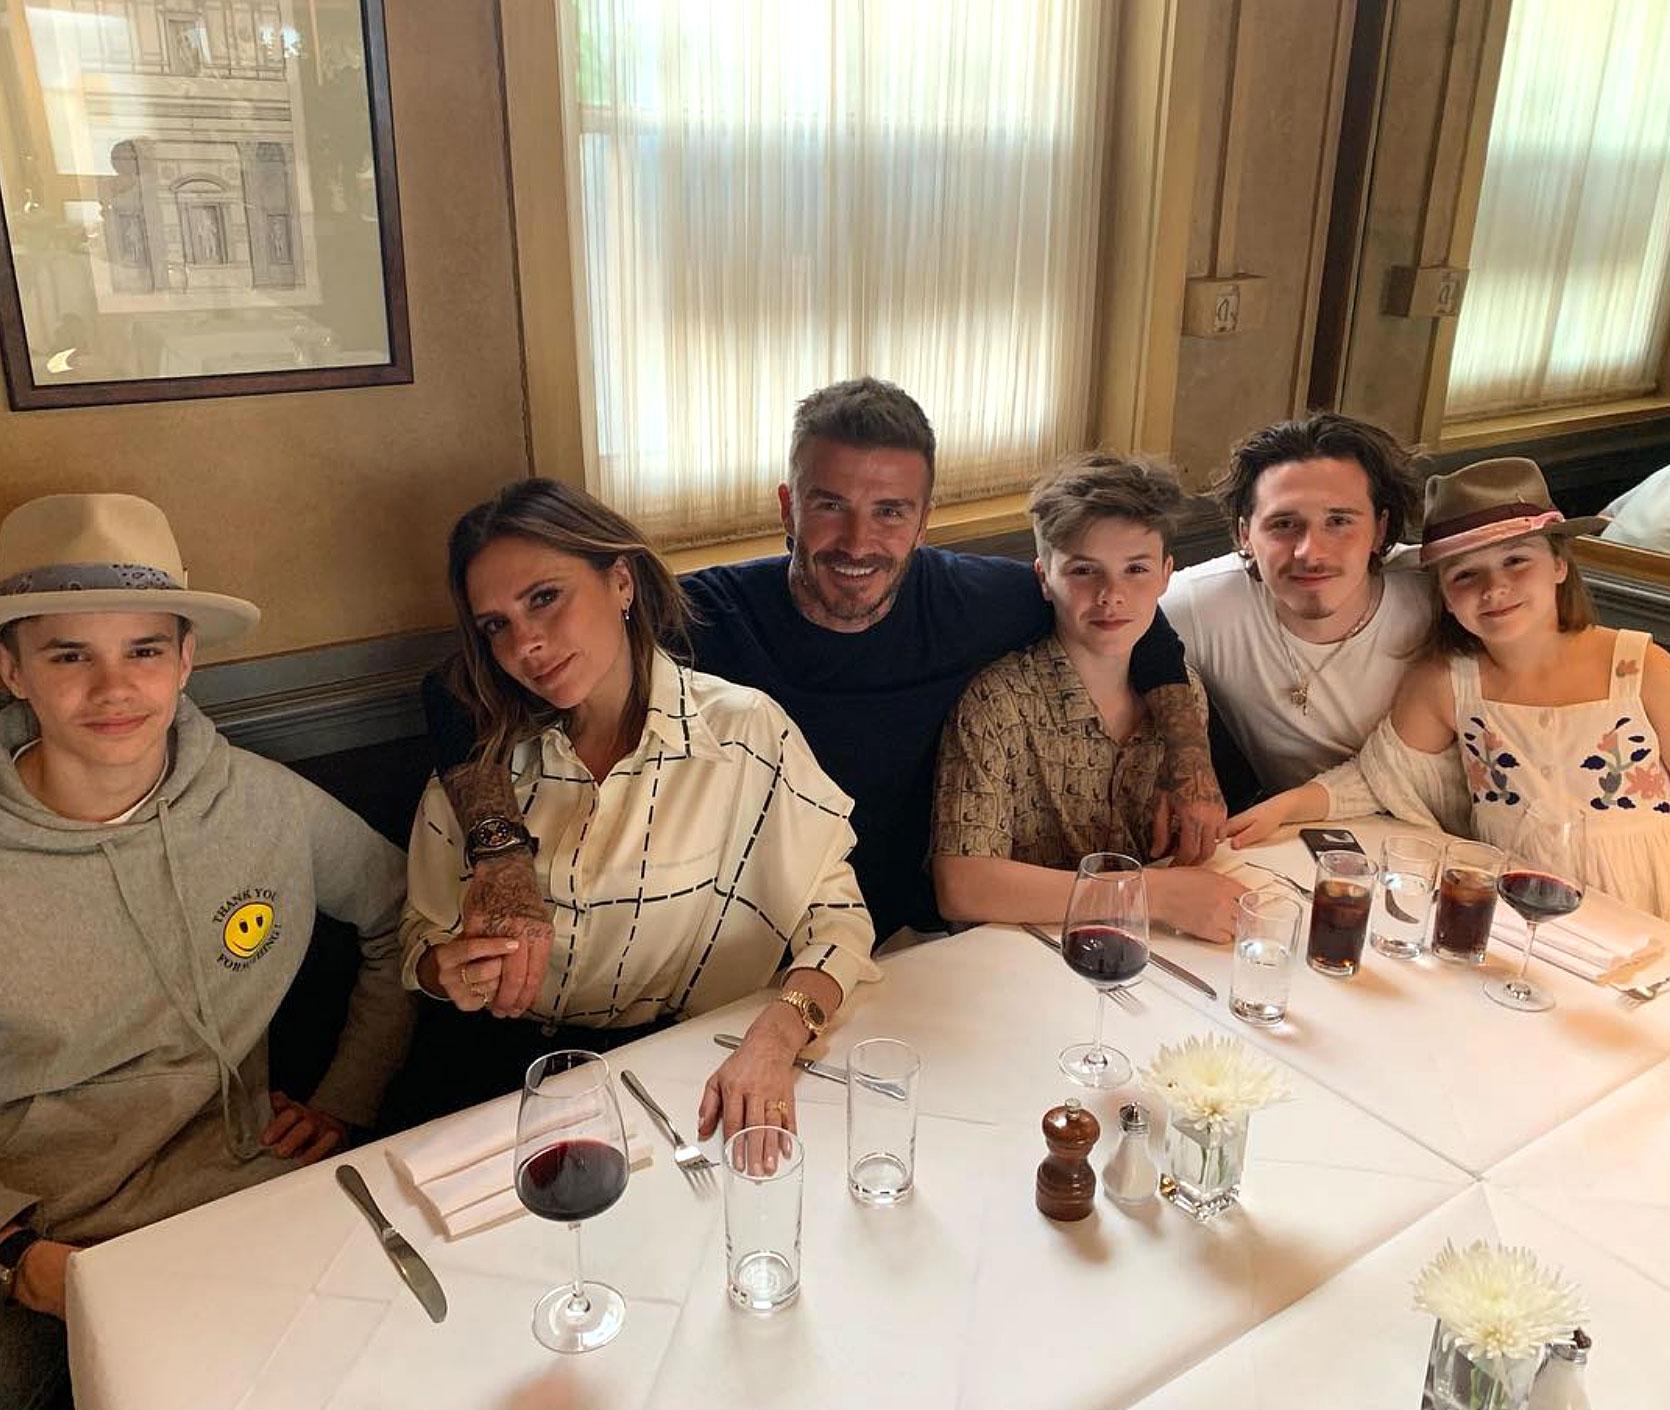 David Beckham Birthday Party - Beckham Family